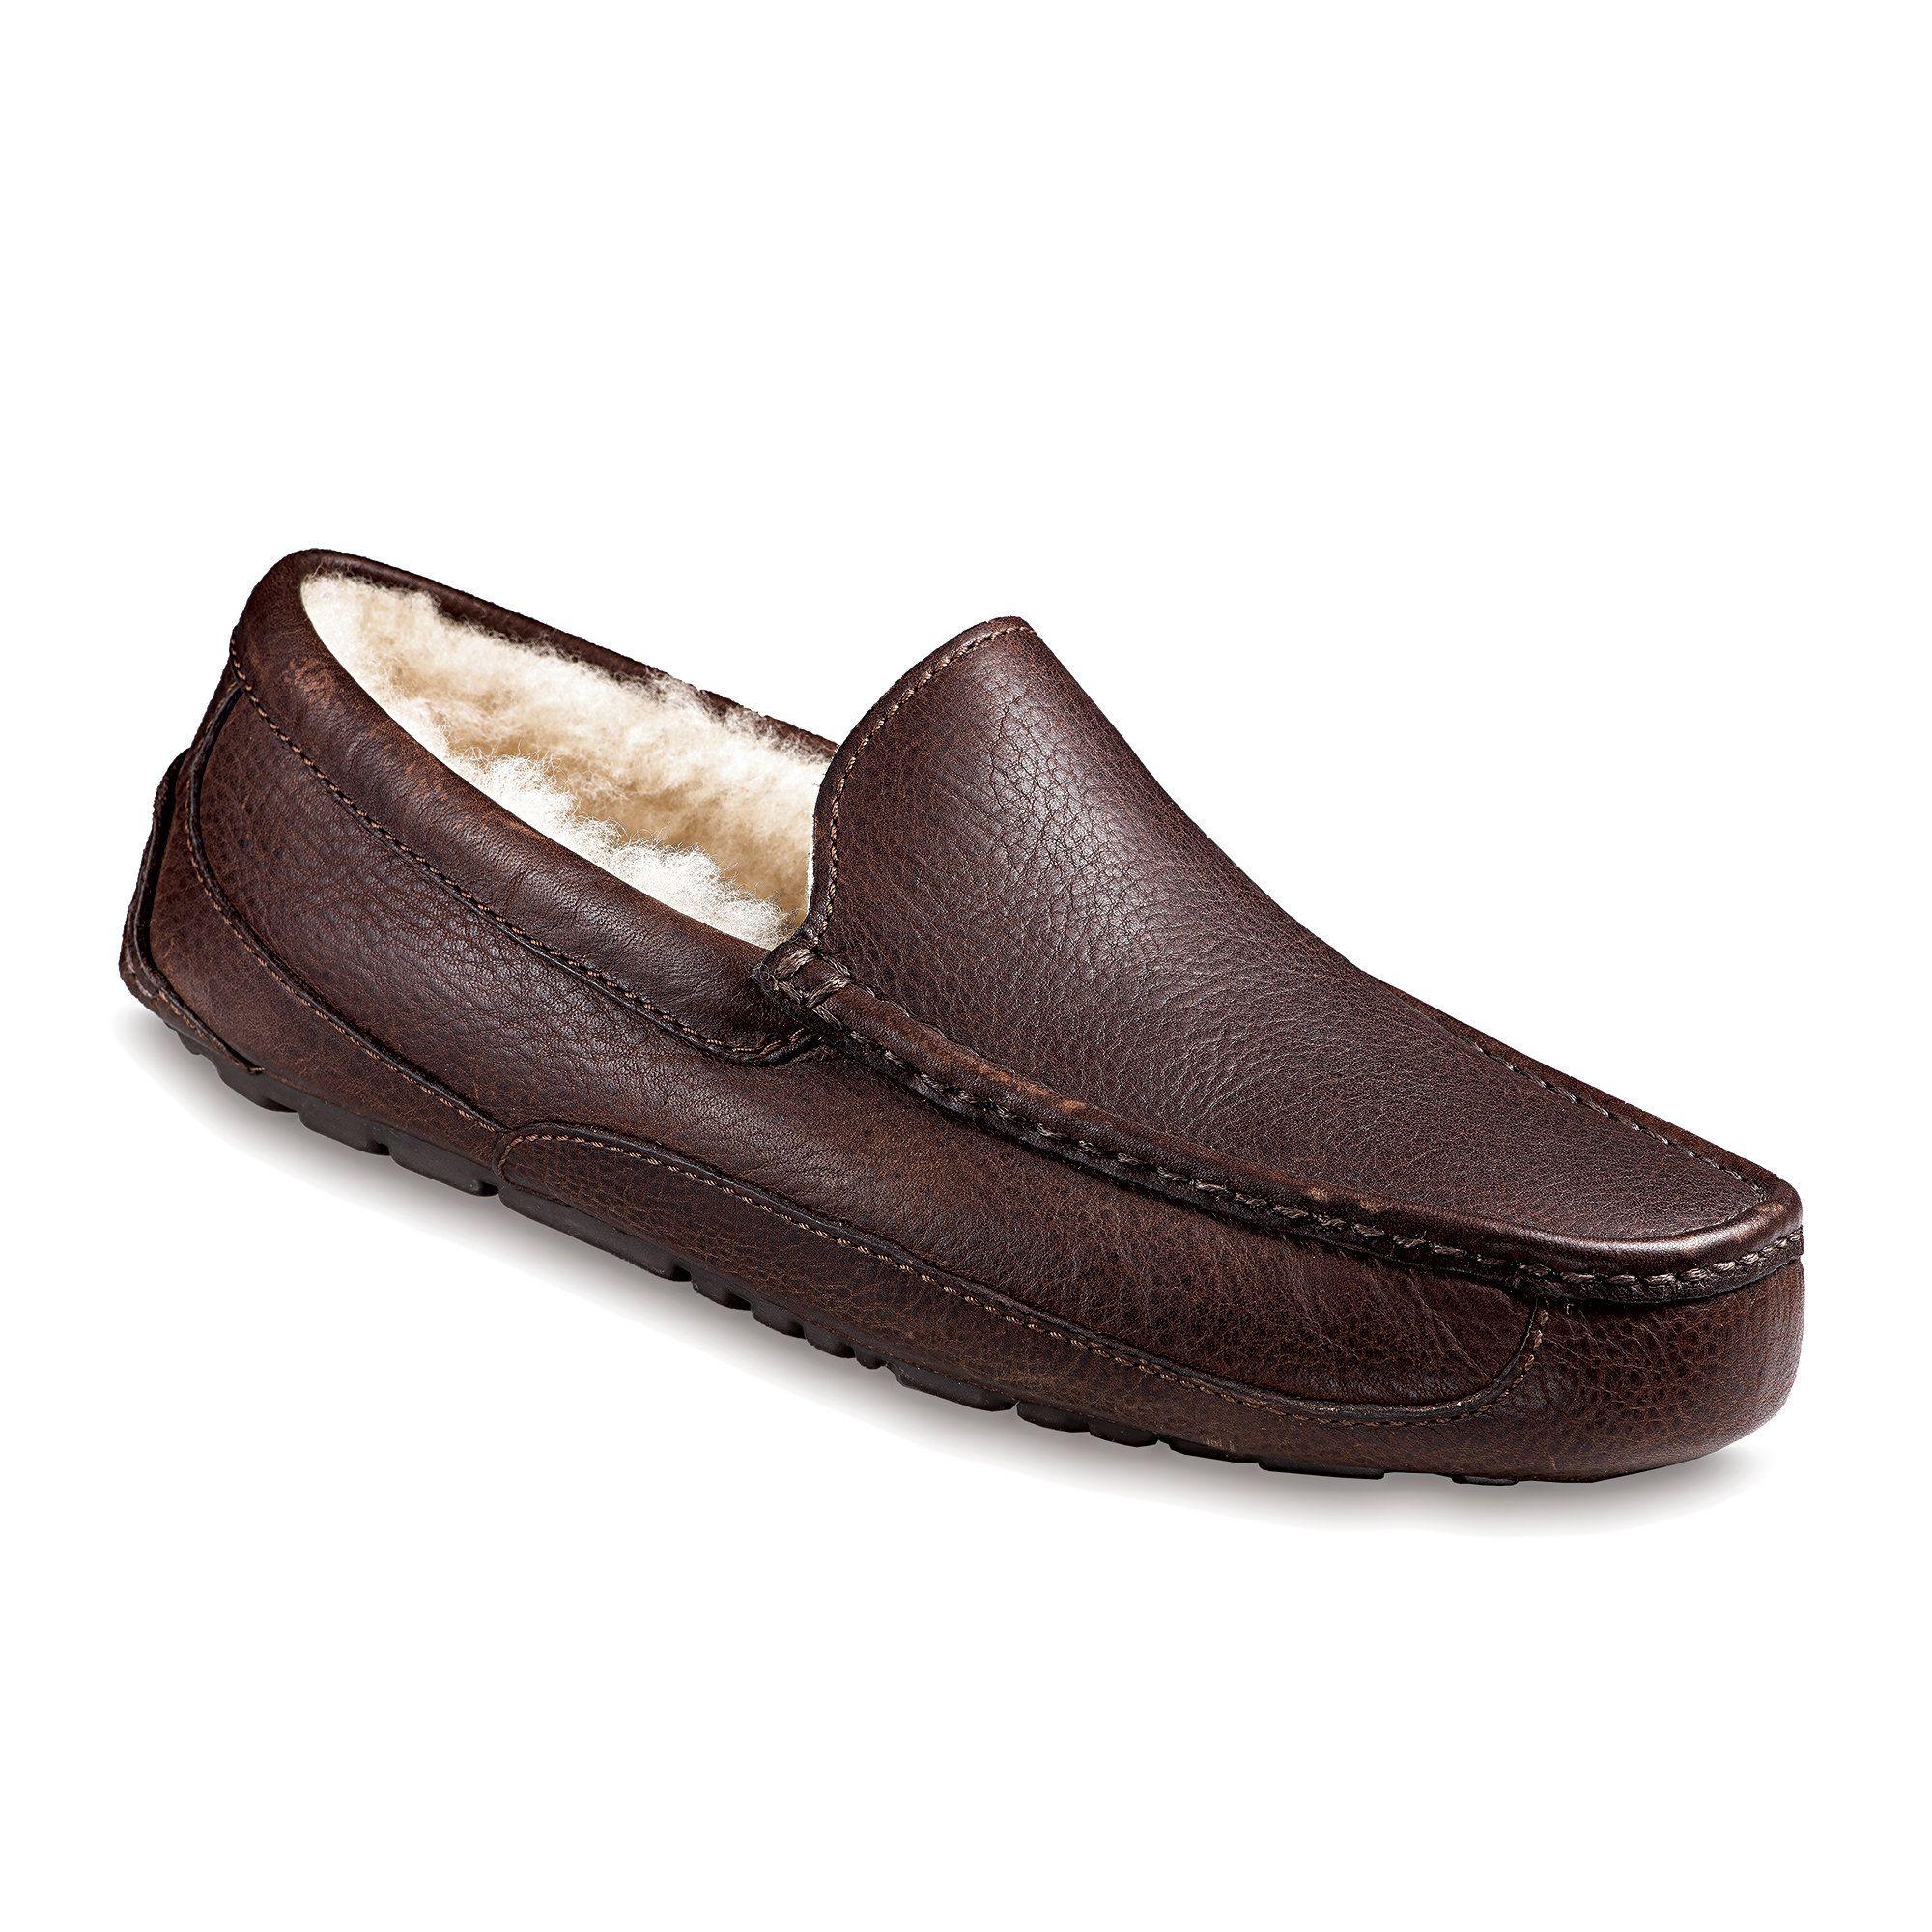 ugg australia men's ascot indoor outdoor leather slippers